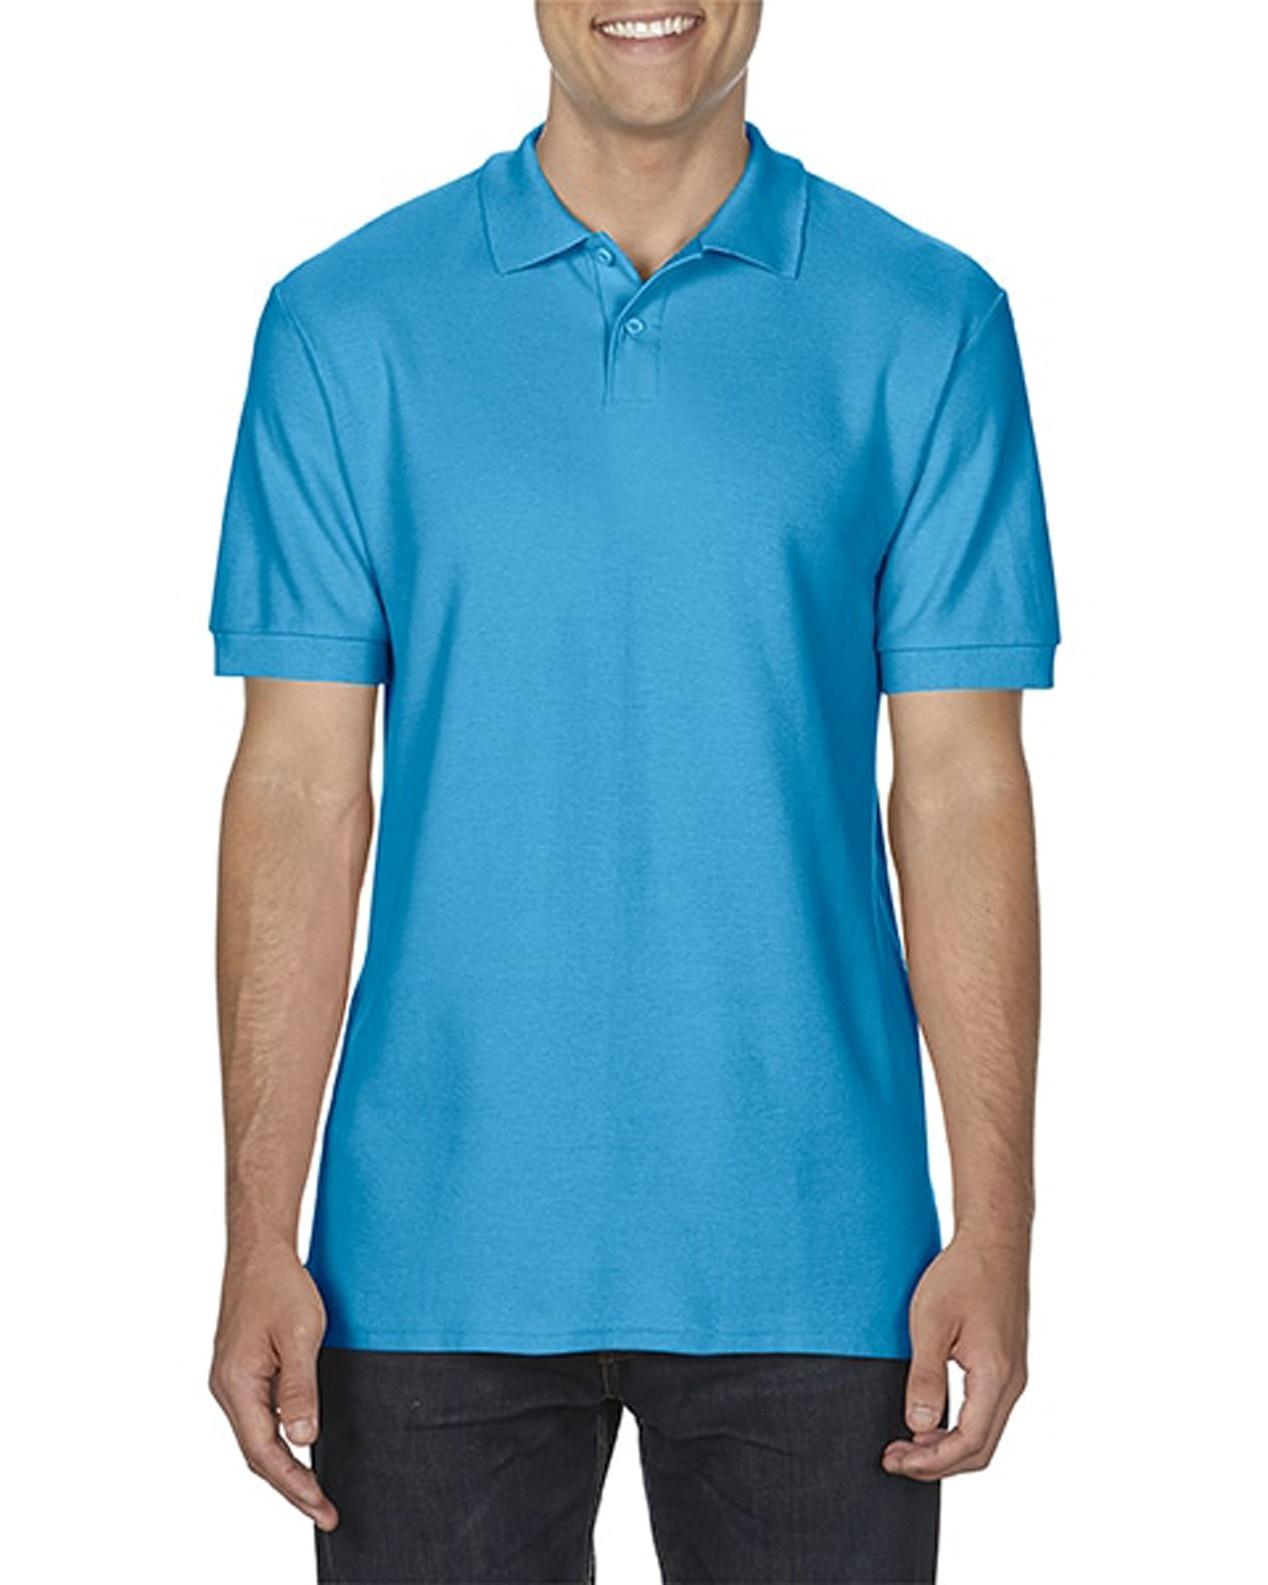 100 cotton Gildan polo shirt sapphire